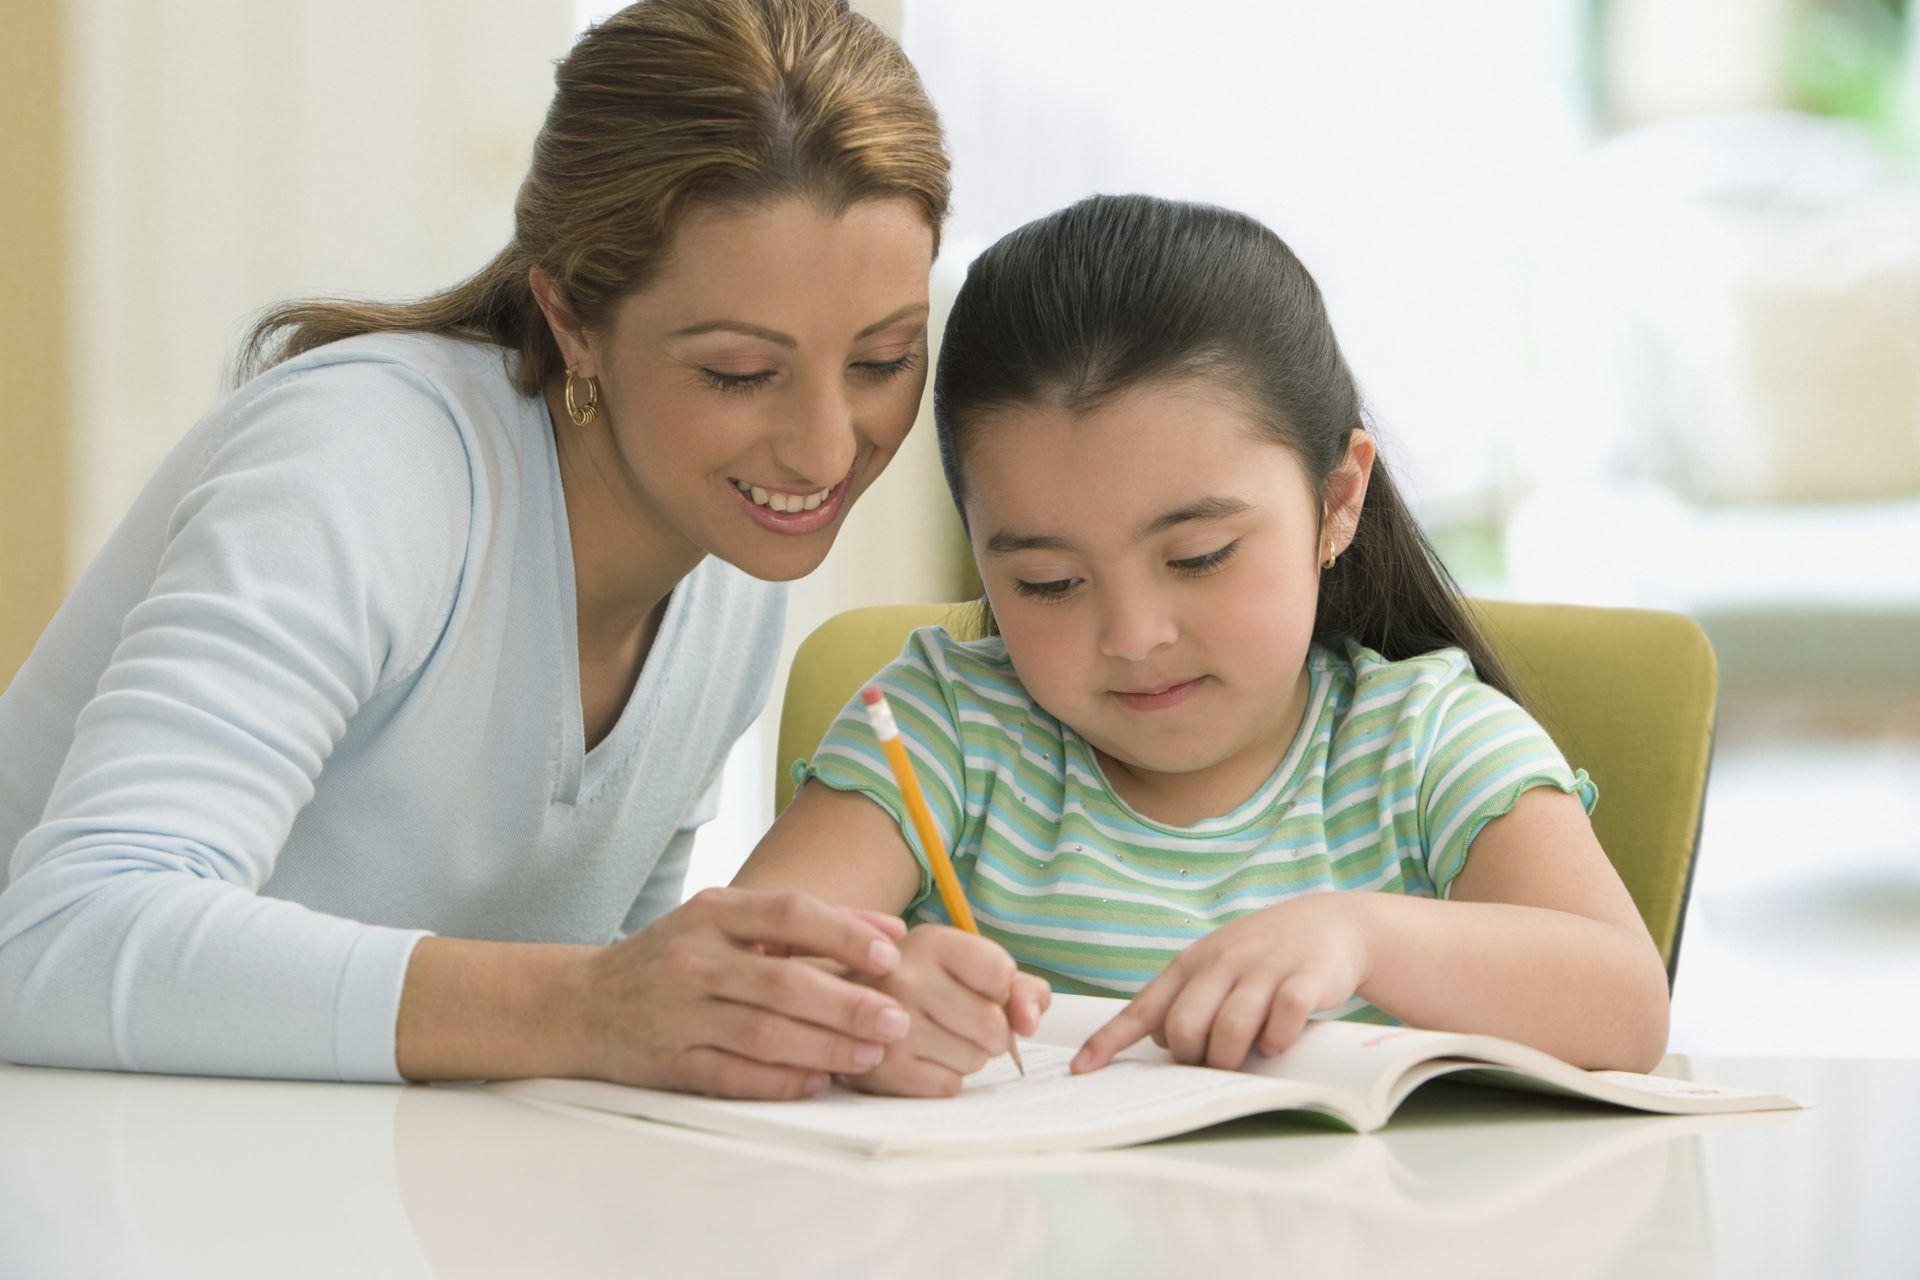 Sekolah Libur Karena Corona, Simak 6 Tips Belajar Mandiri Rumah